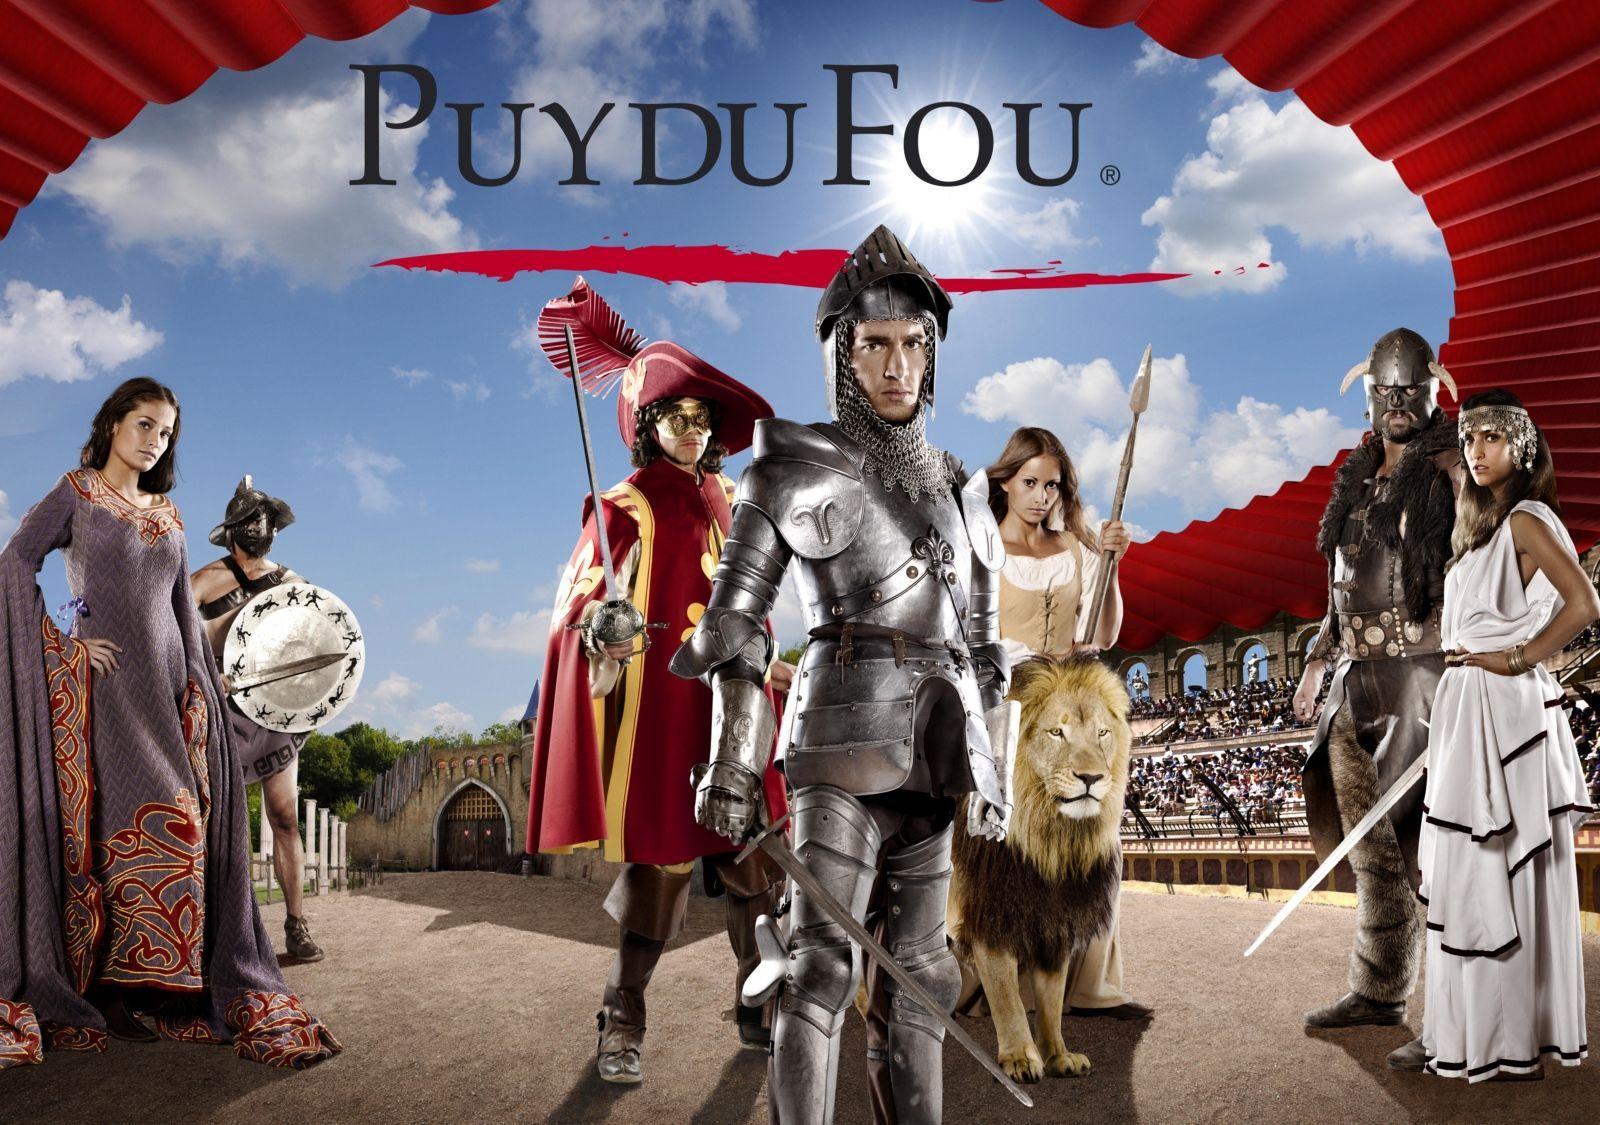 Le Puy du Fou, une expérience unique